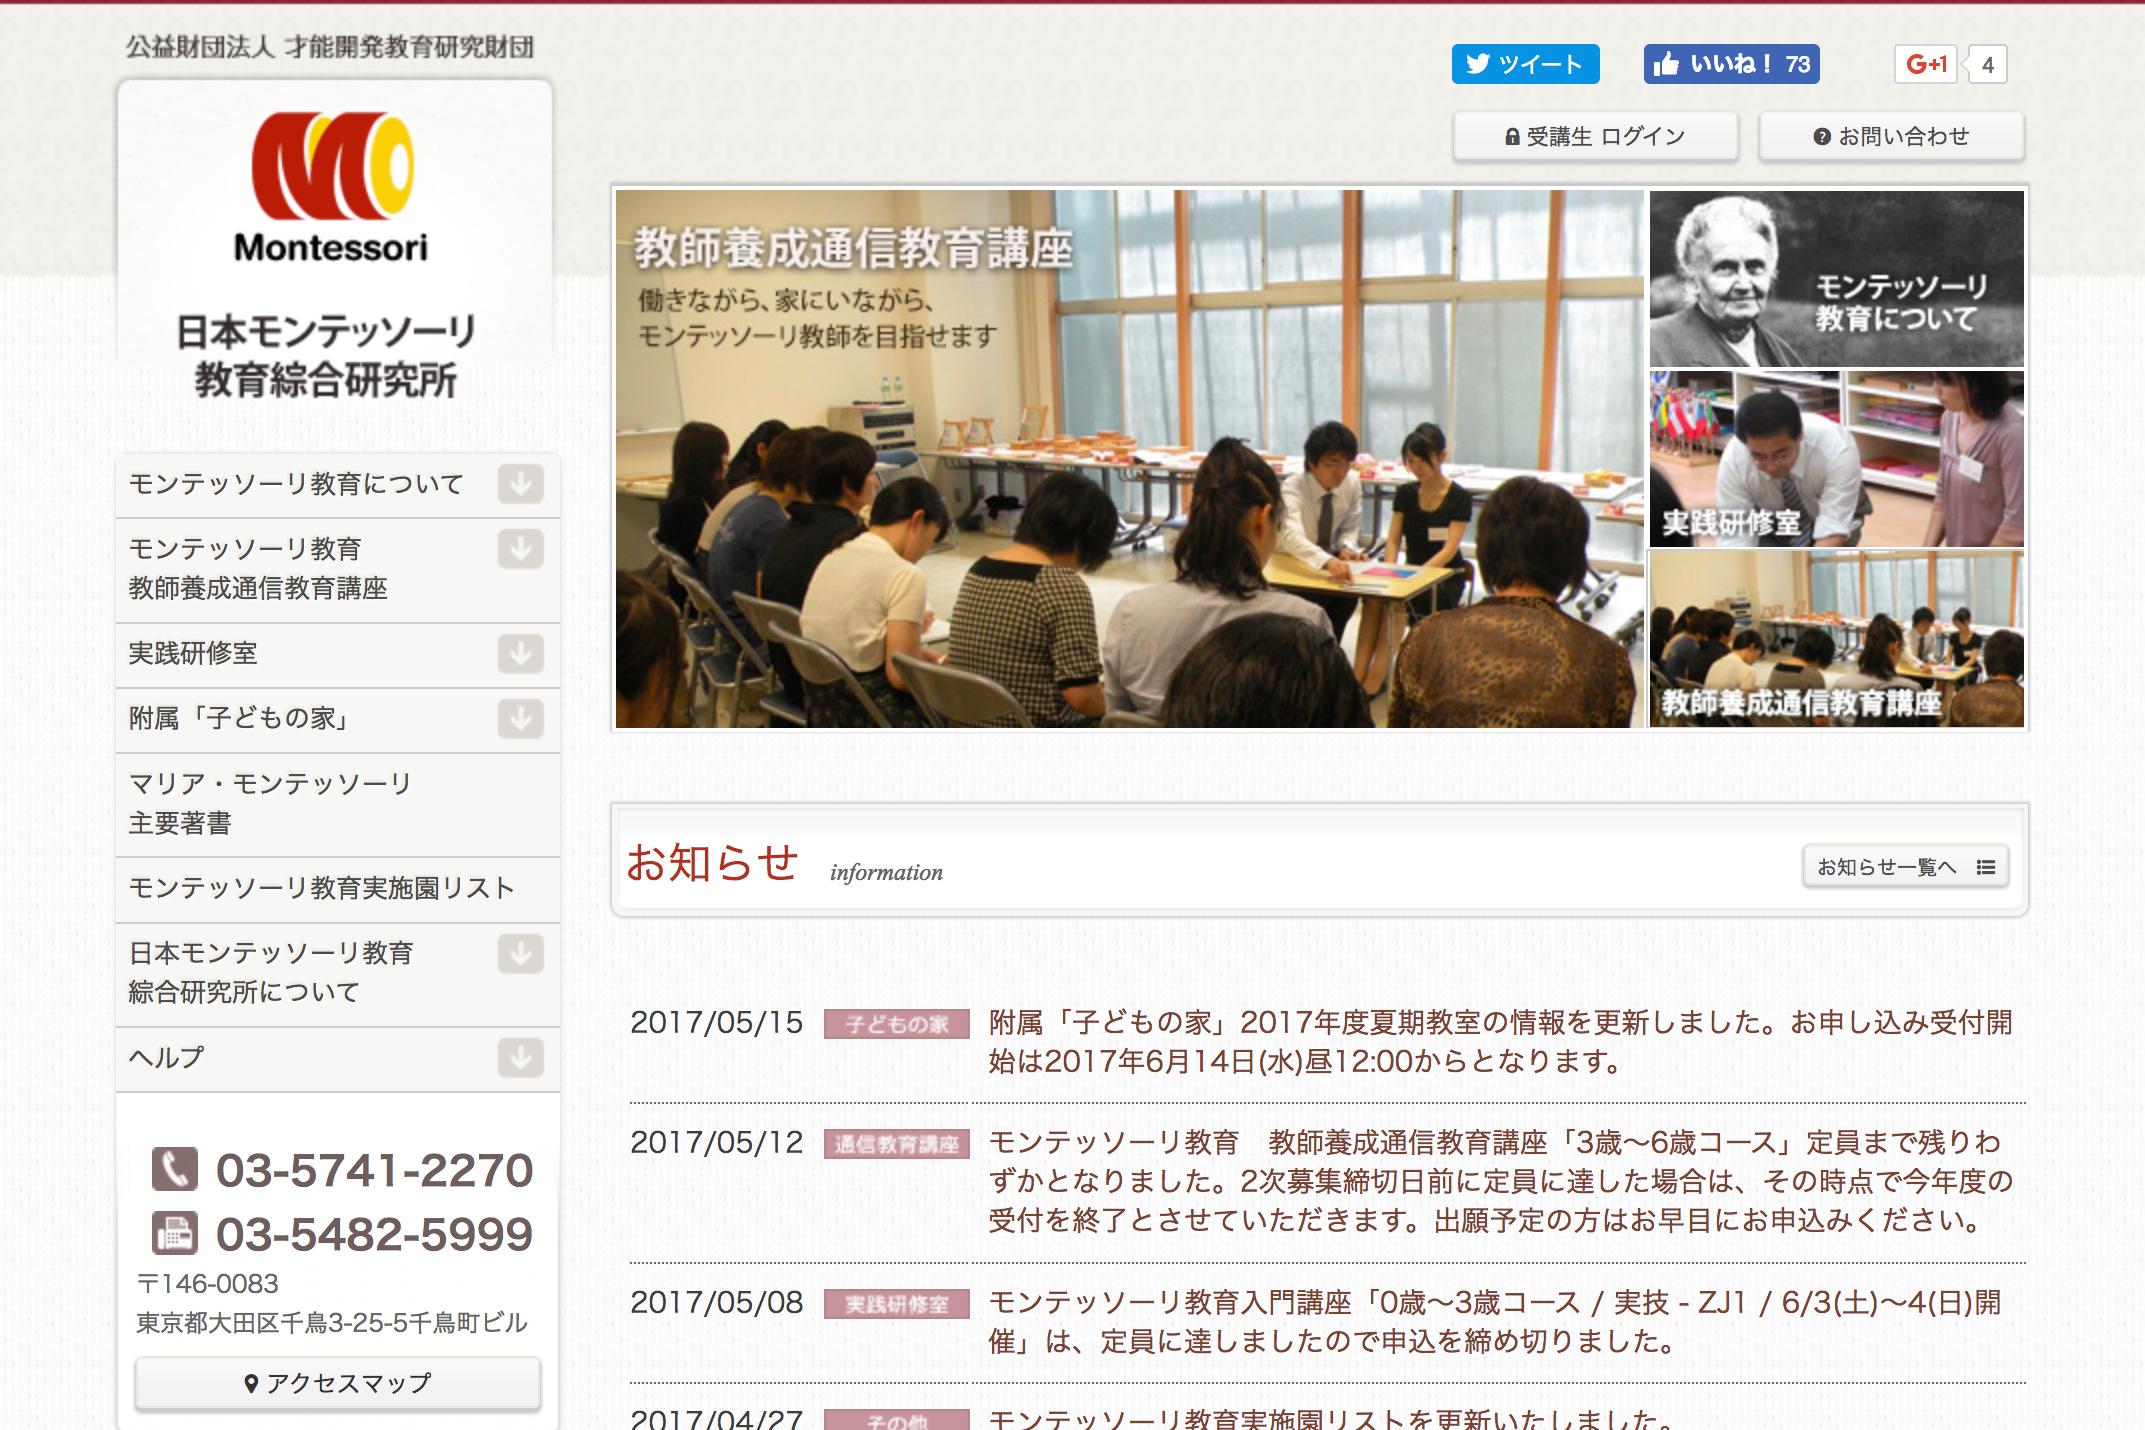 日本モンテッソーリ教育綜合研究所のホームページ